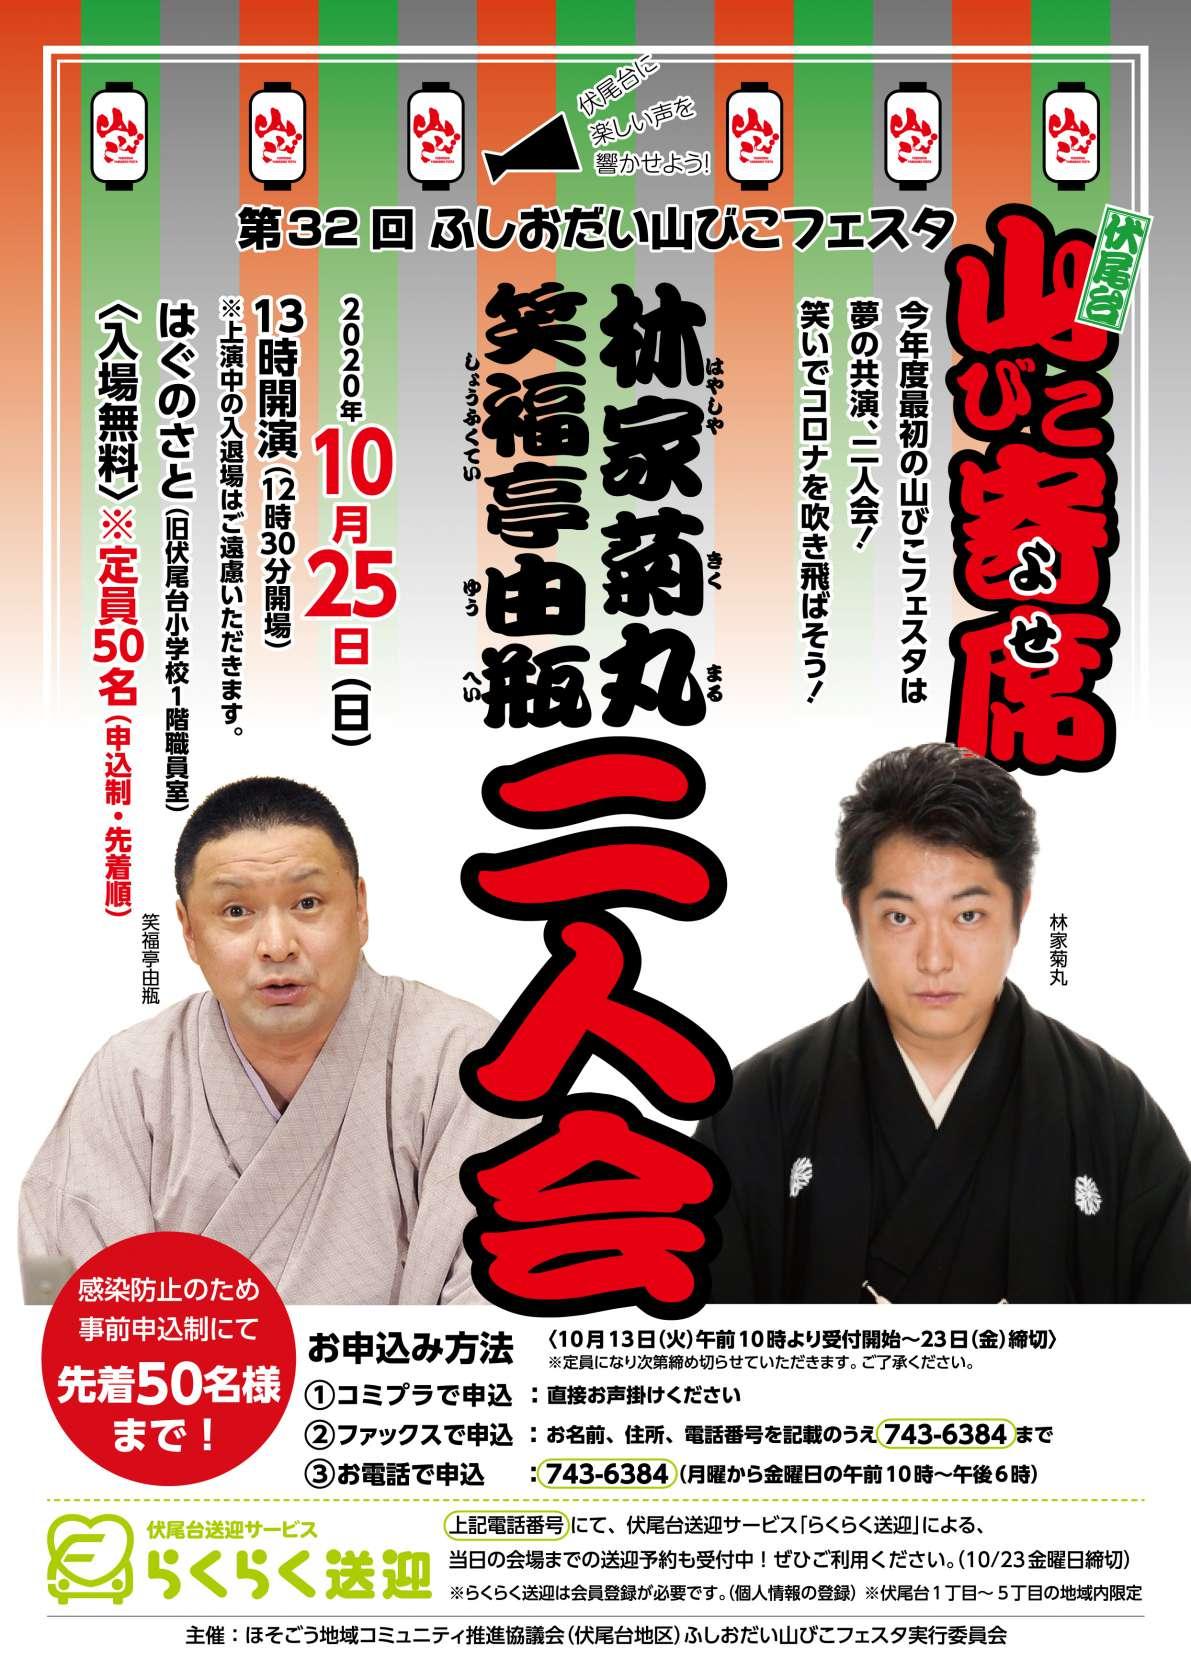 10月25日 伏尾台 山びこ寄席『林家菊丸・笑福亭由瓶 二人会』開催!